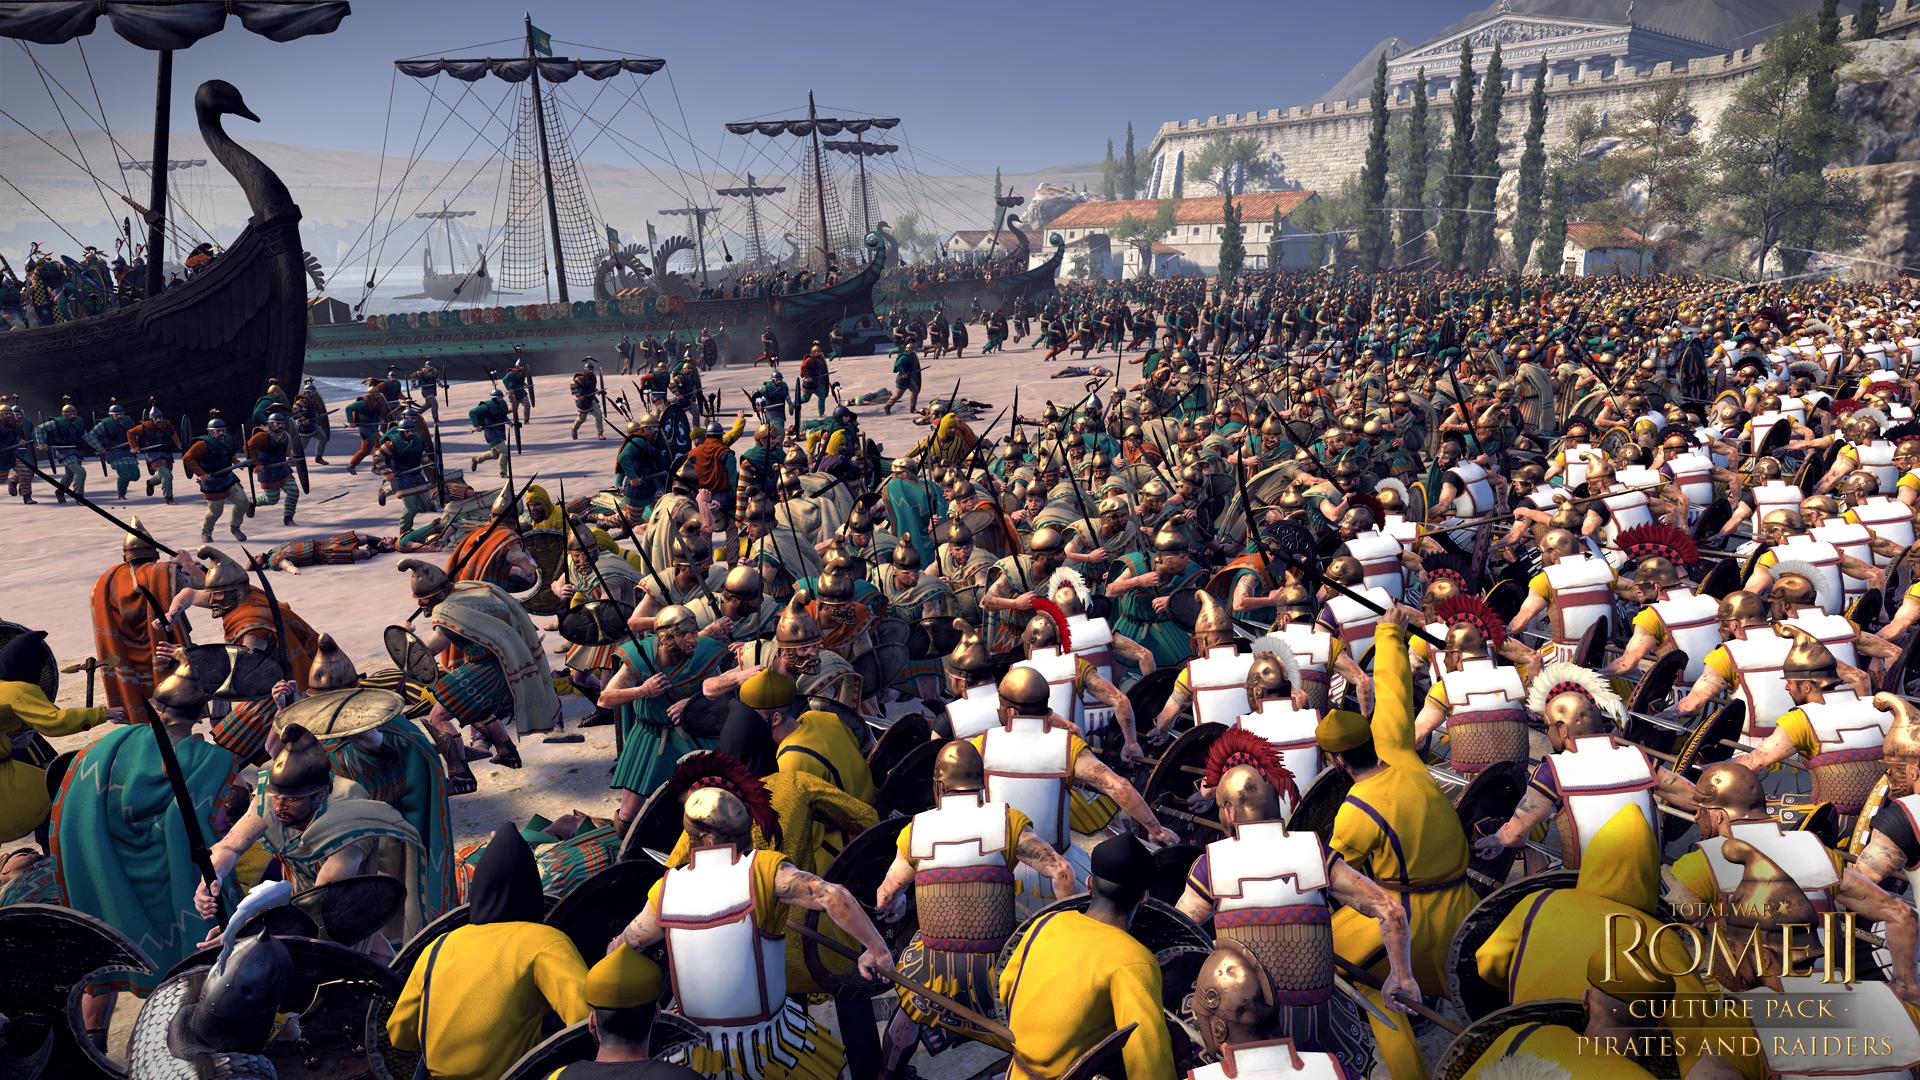 Piráti a nájezdníci se přiřítili do Total War: Rome 2 97121